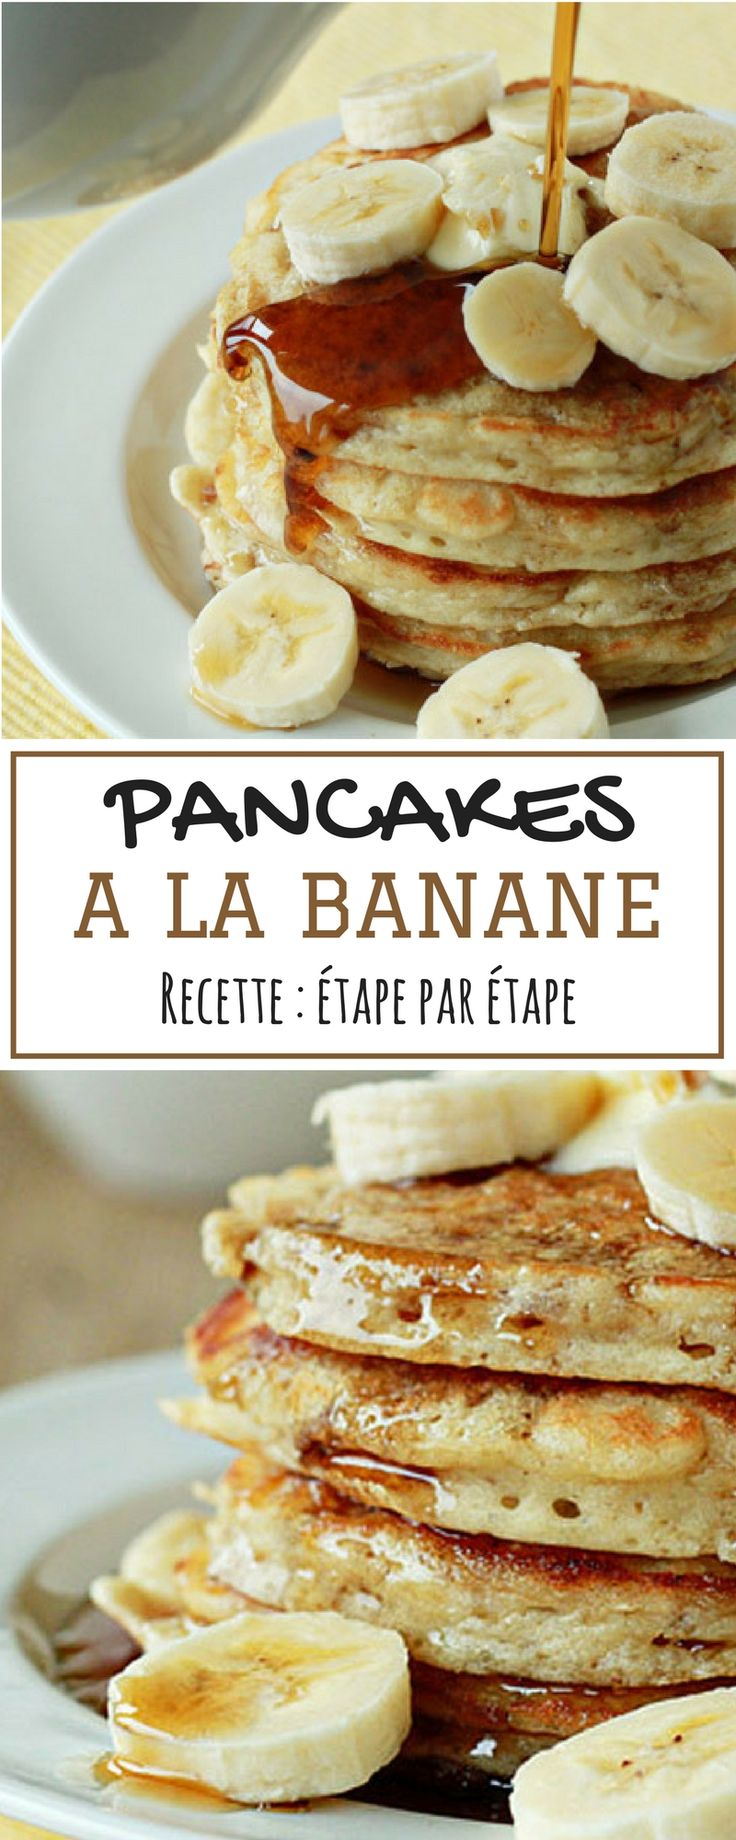 La recette, croyez-le ou non, est adaptée d'un livre de cuisine pour enfants, ce qui prouve la facilité à faire ces pancakes. Pour ma part, je les aime bien avec du miel, mais vous pouvez faire comme vous le souhaitez.